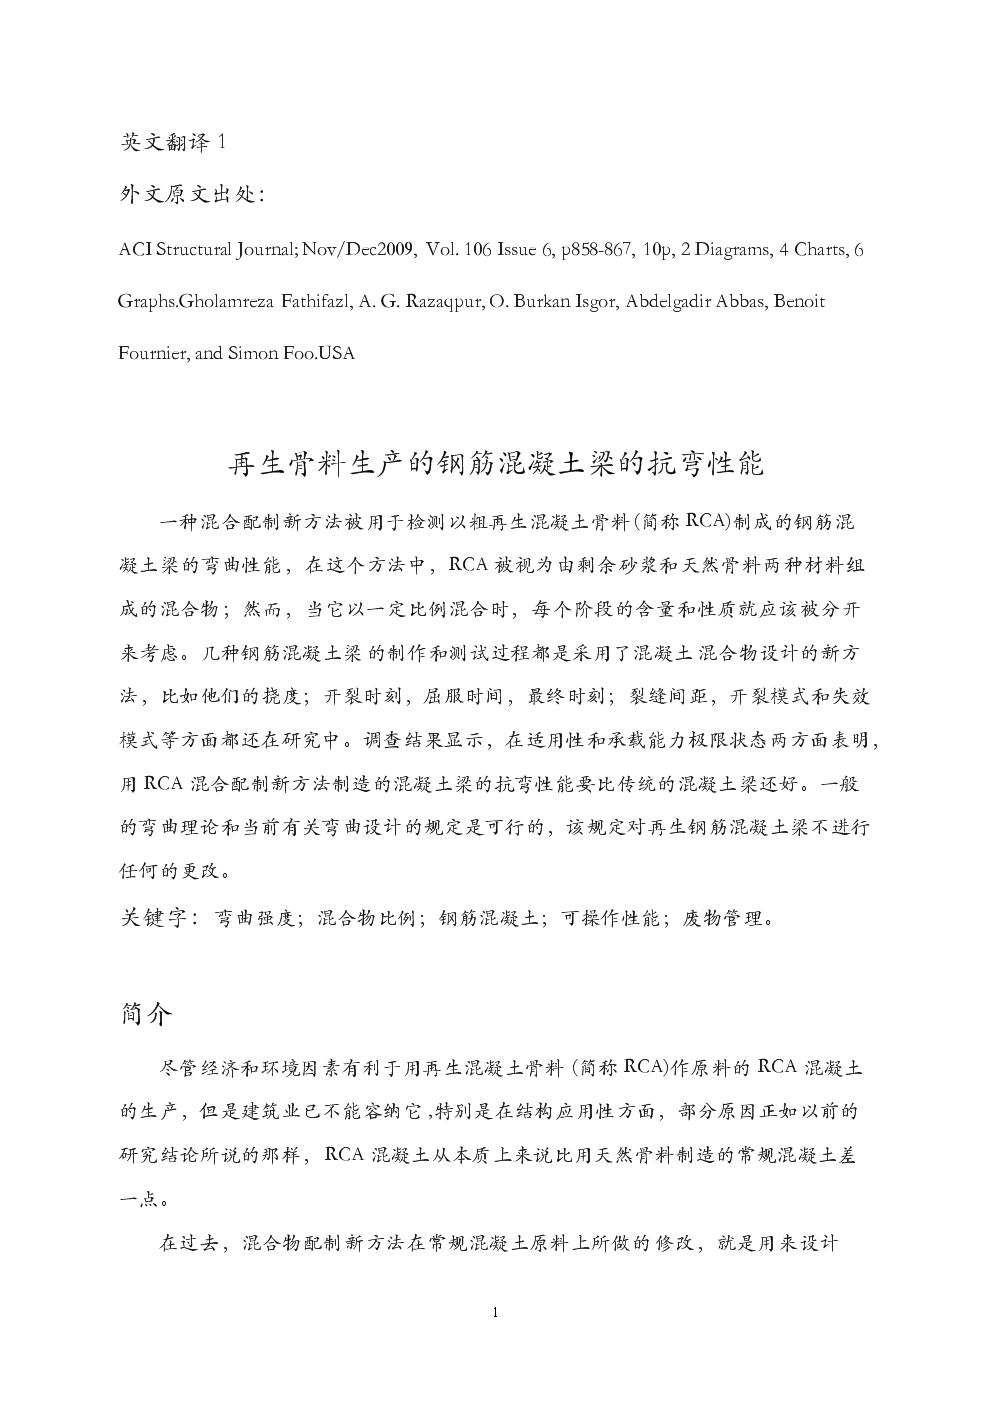 土木工程及外文翻译.doc